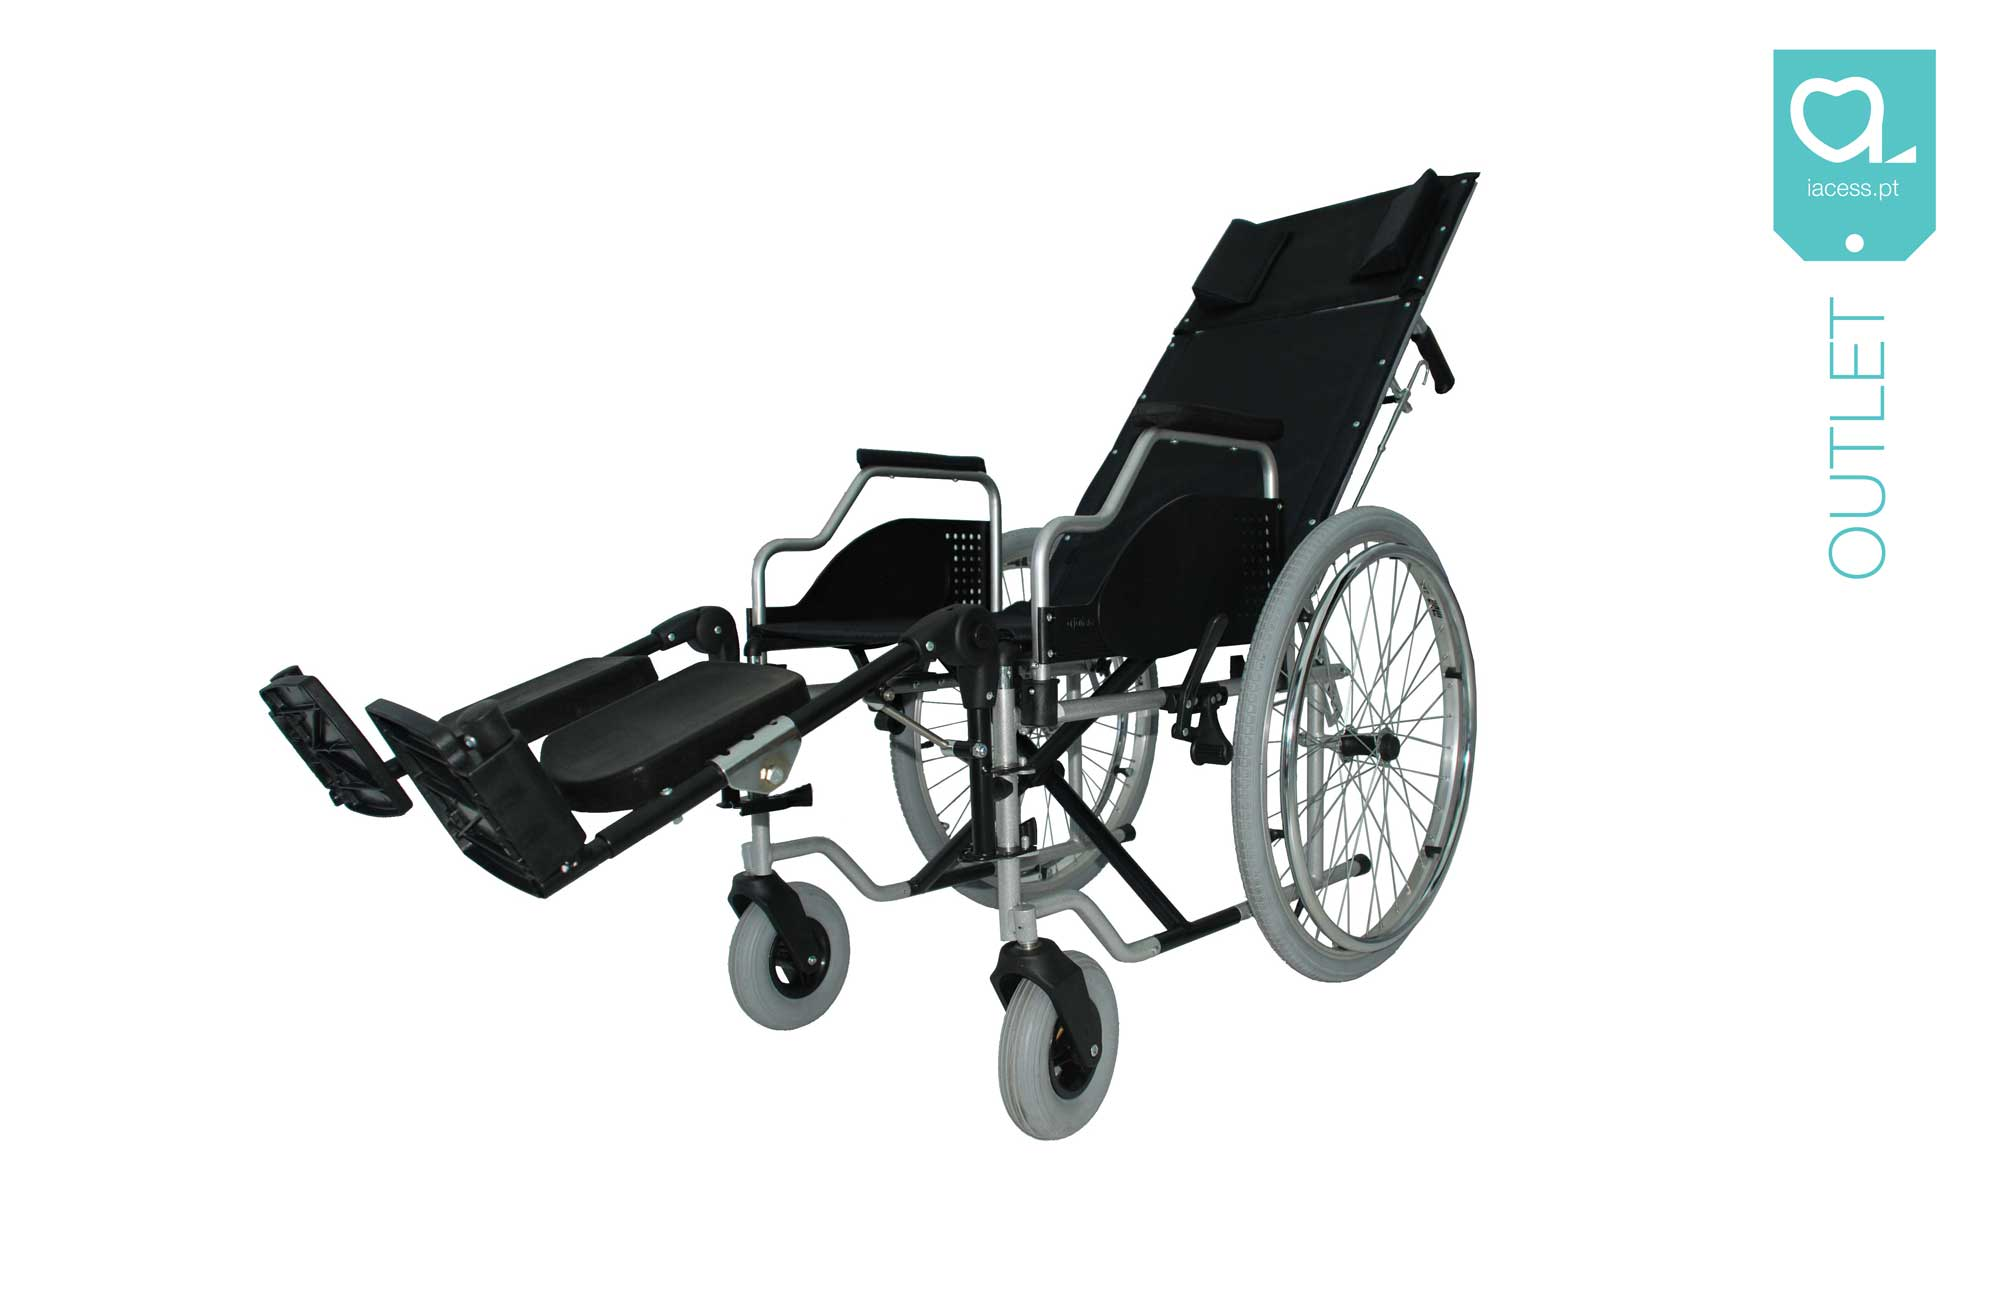 Cadeira de rodas com encosto reclinável